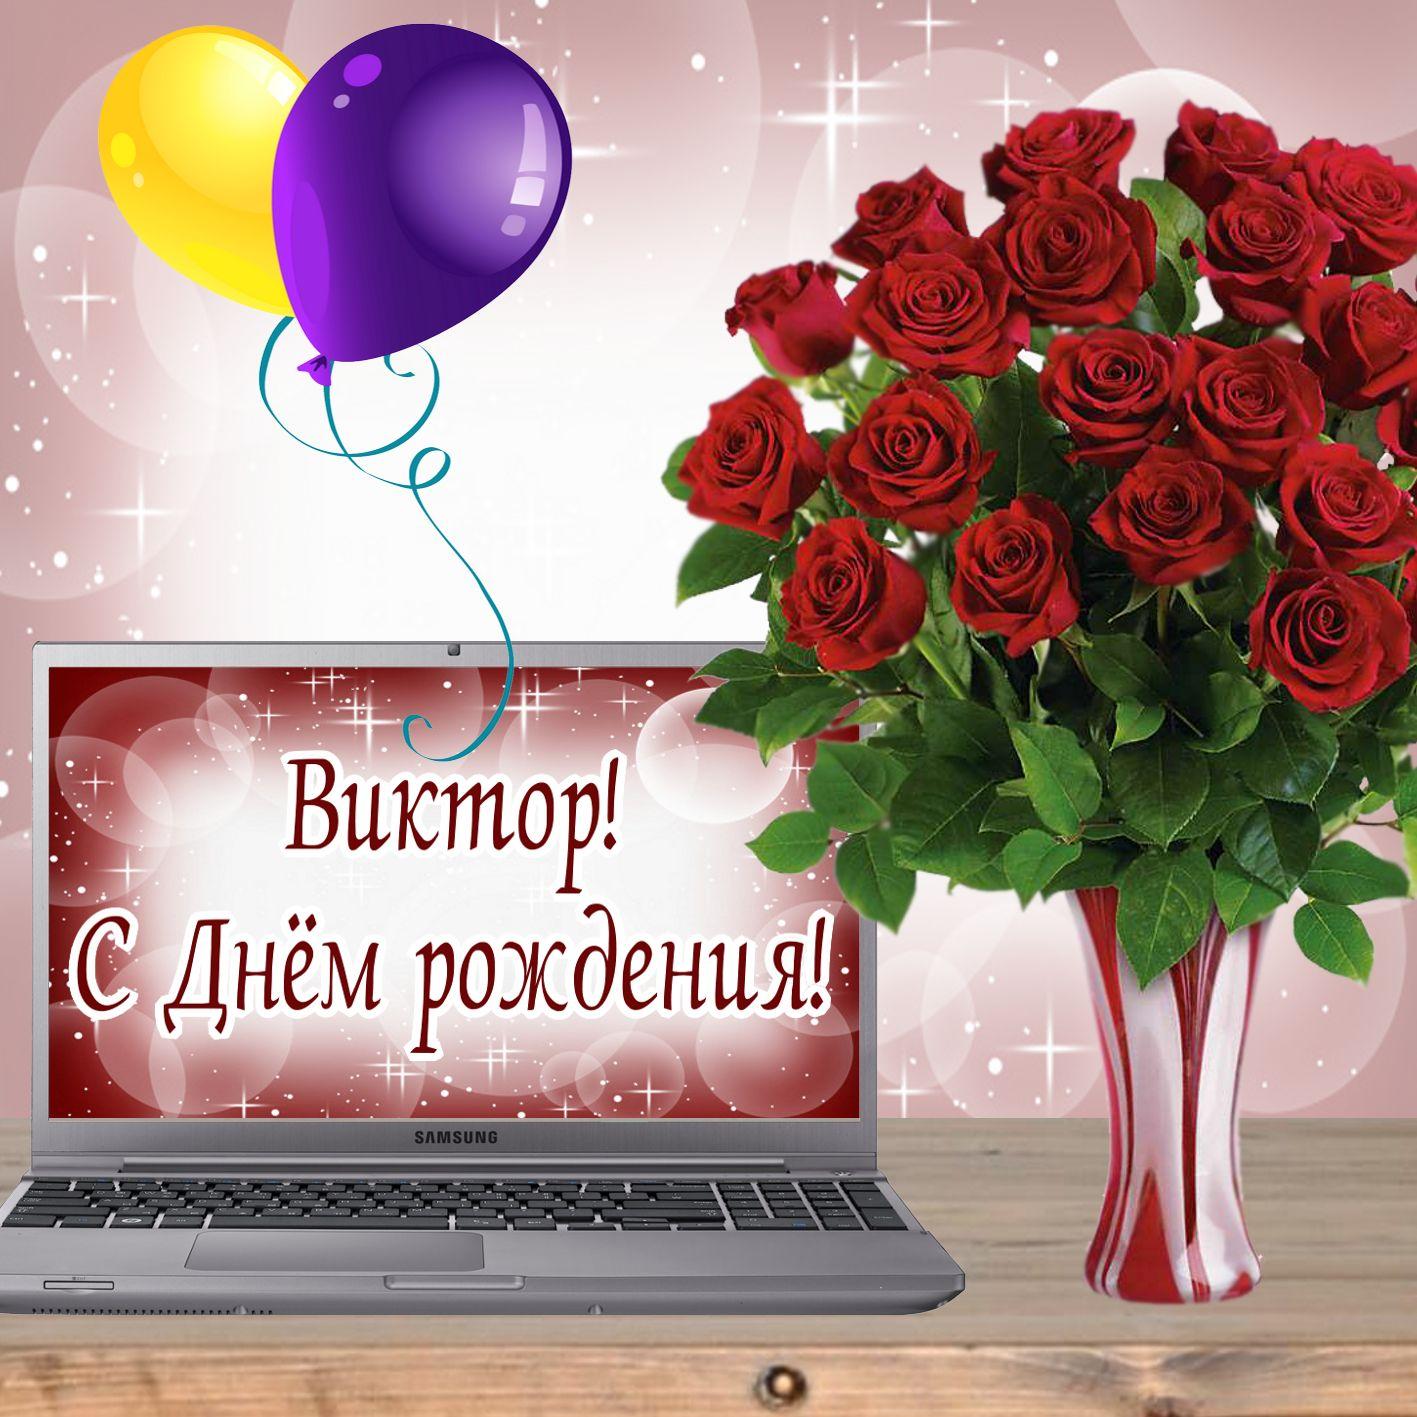 Открытка на День рождения Виктору - букет роз и поздравление на ноутбуке